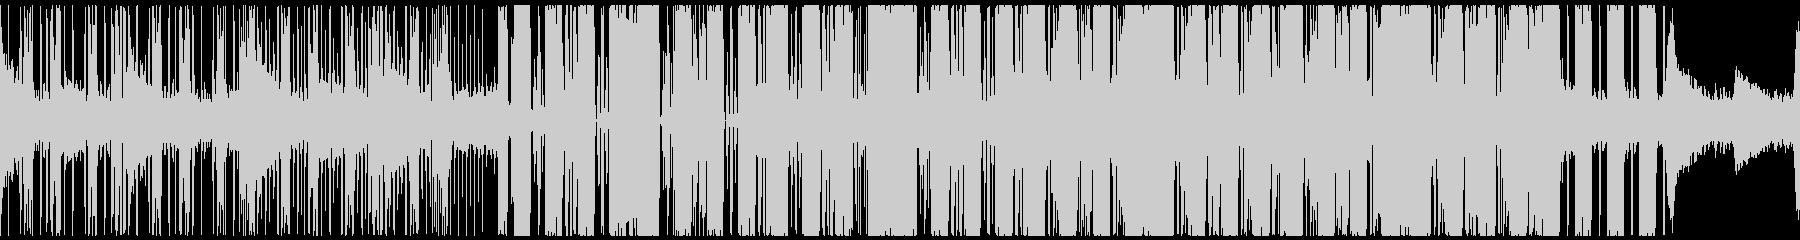 幻想的ダブステ・グリッチホップ・ループ◯の未再生の波形